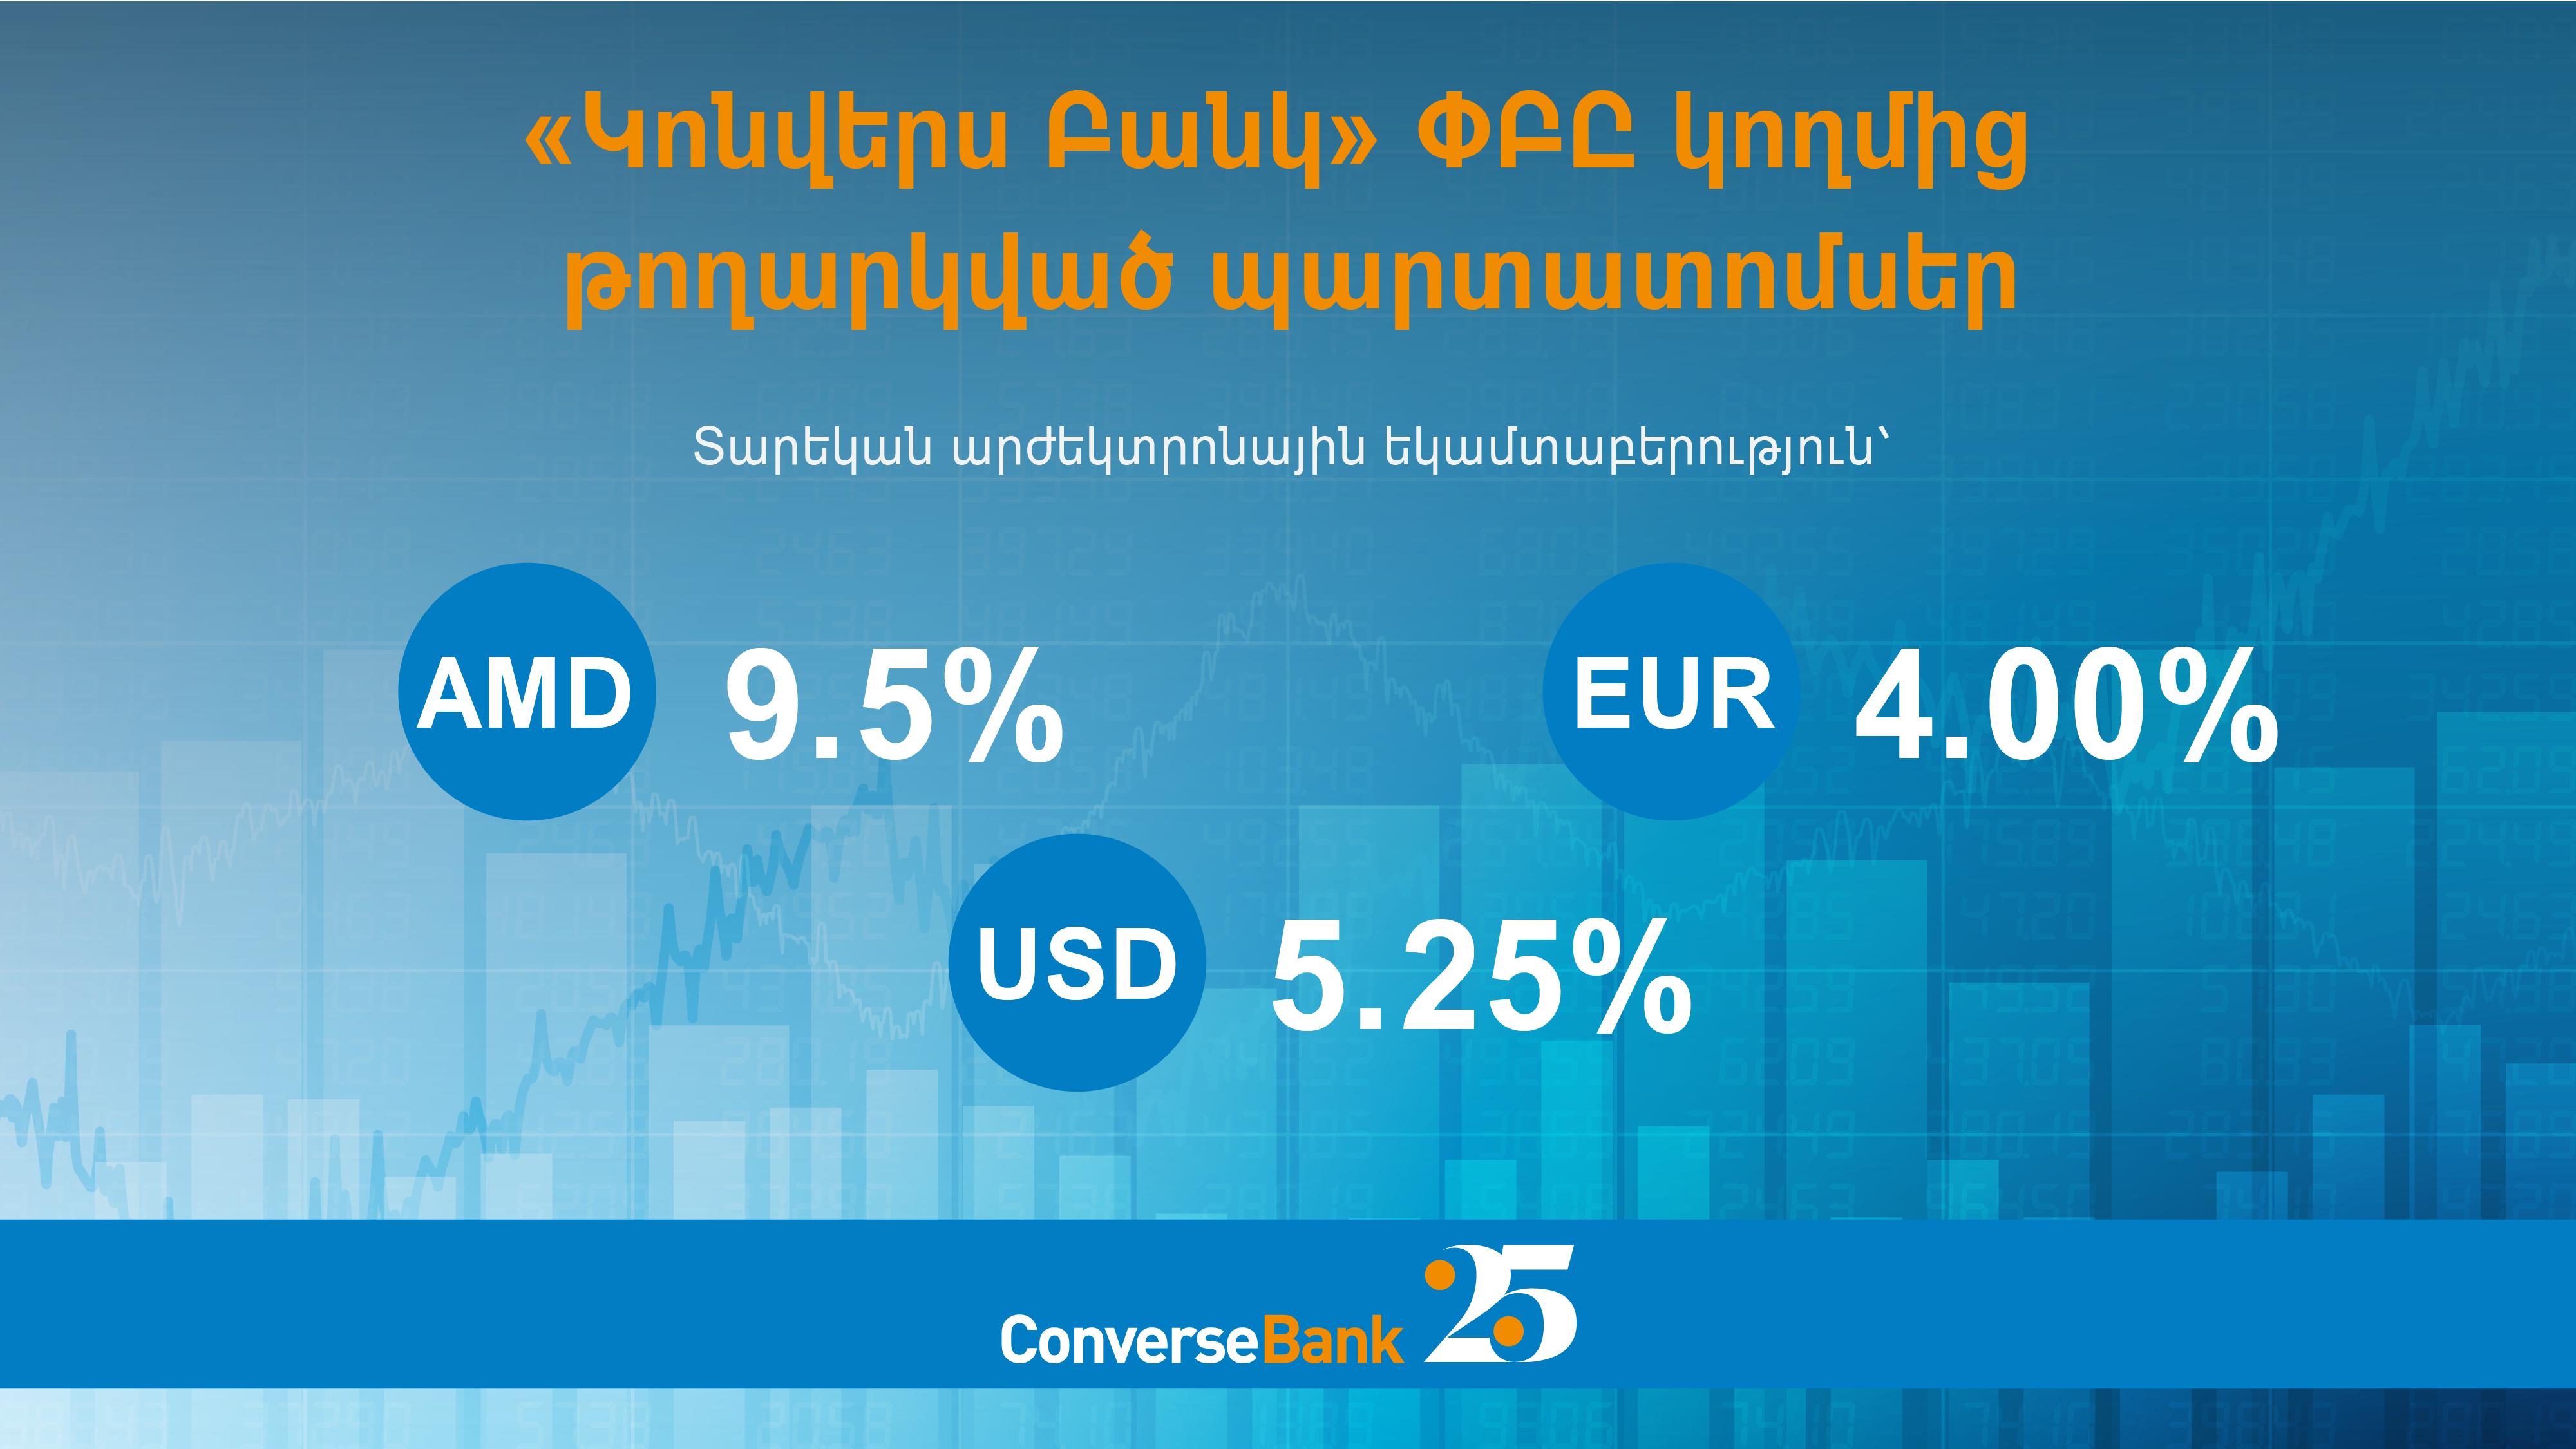 Կոնվերս Բանկ․ ավարտվել է երեք արժույթով պարտատոմսերի տեղաբաշխումը